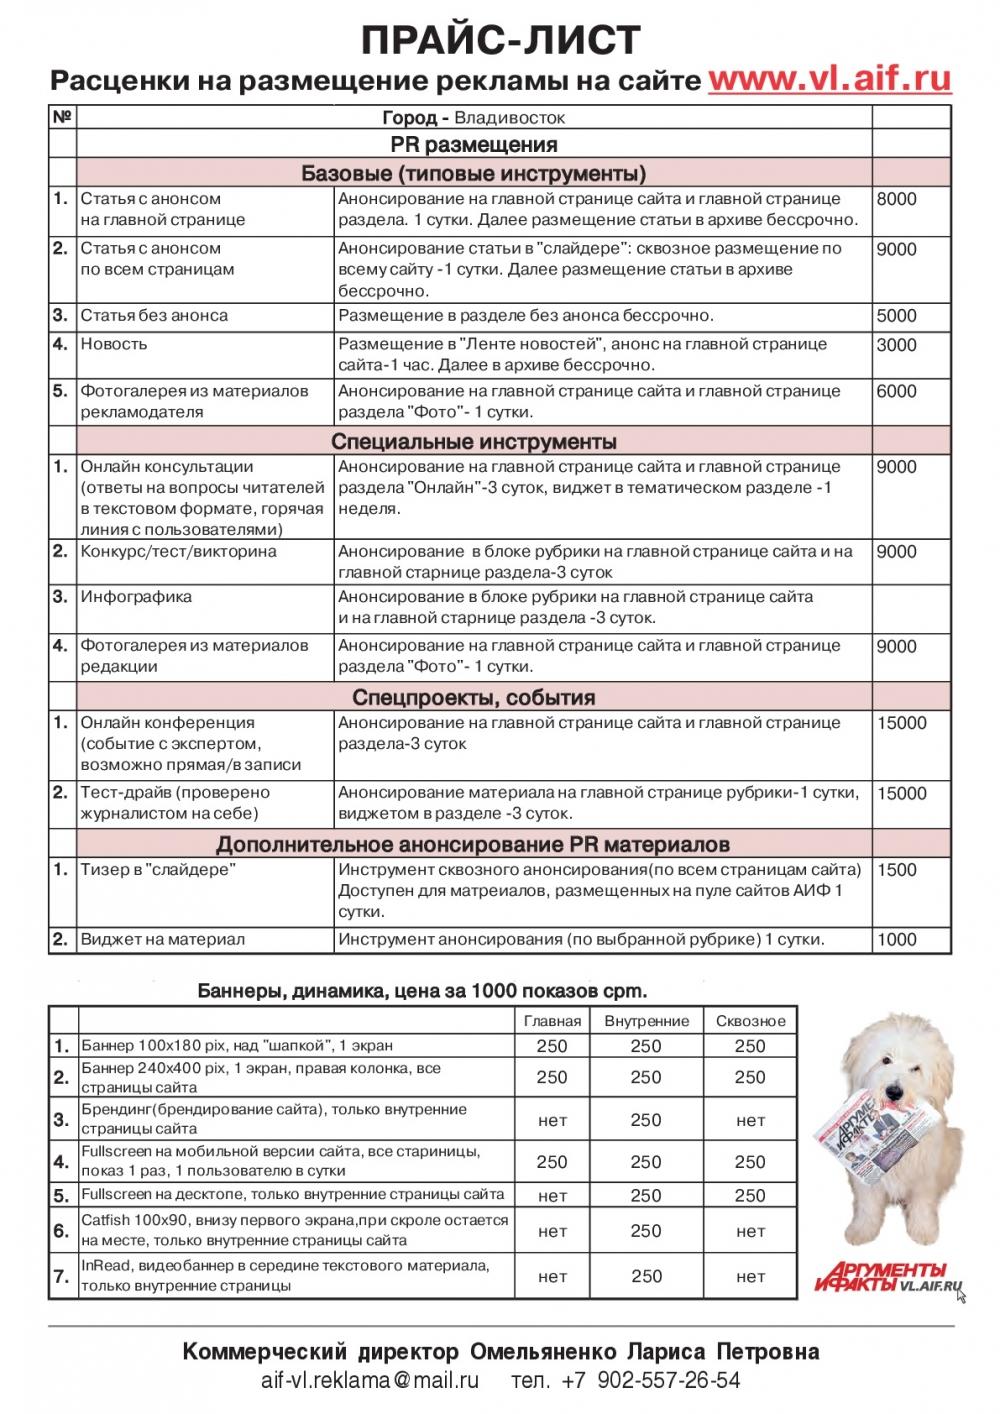 Прайс на размещение на сайте АиФ-Приморье